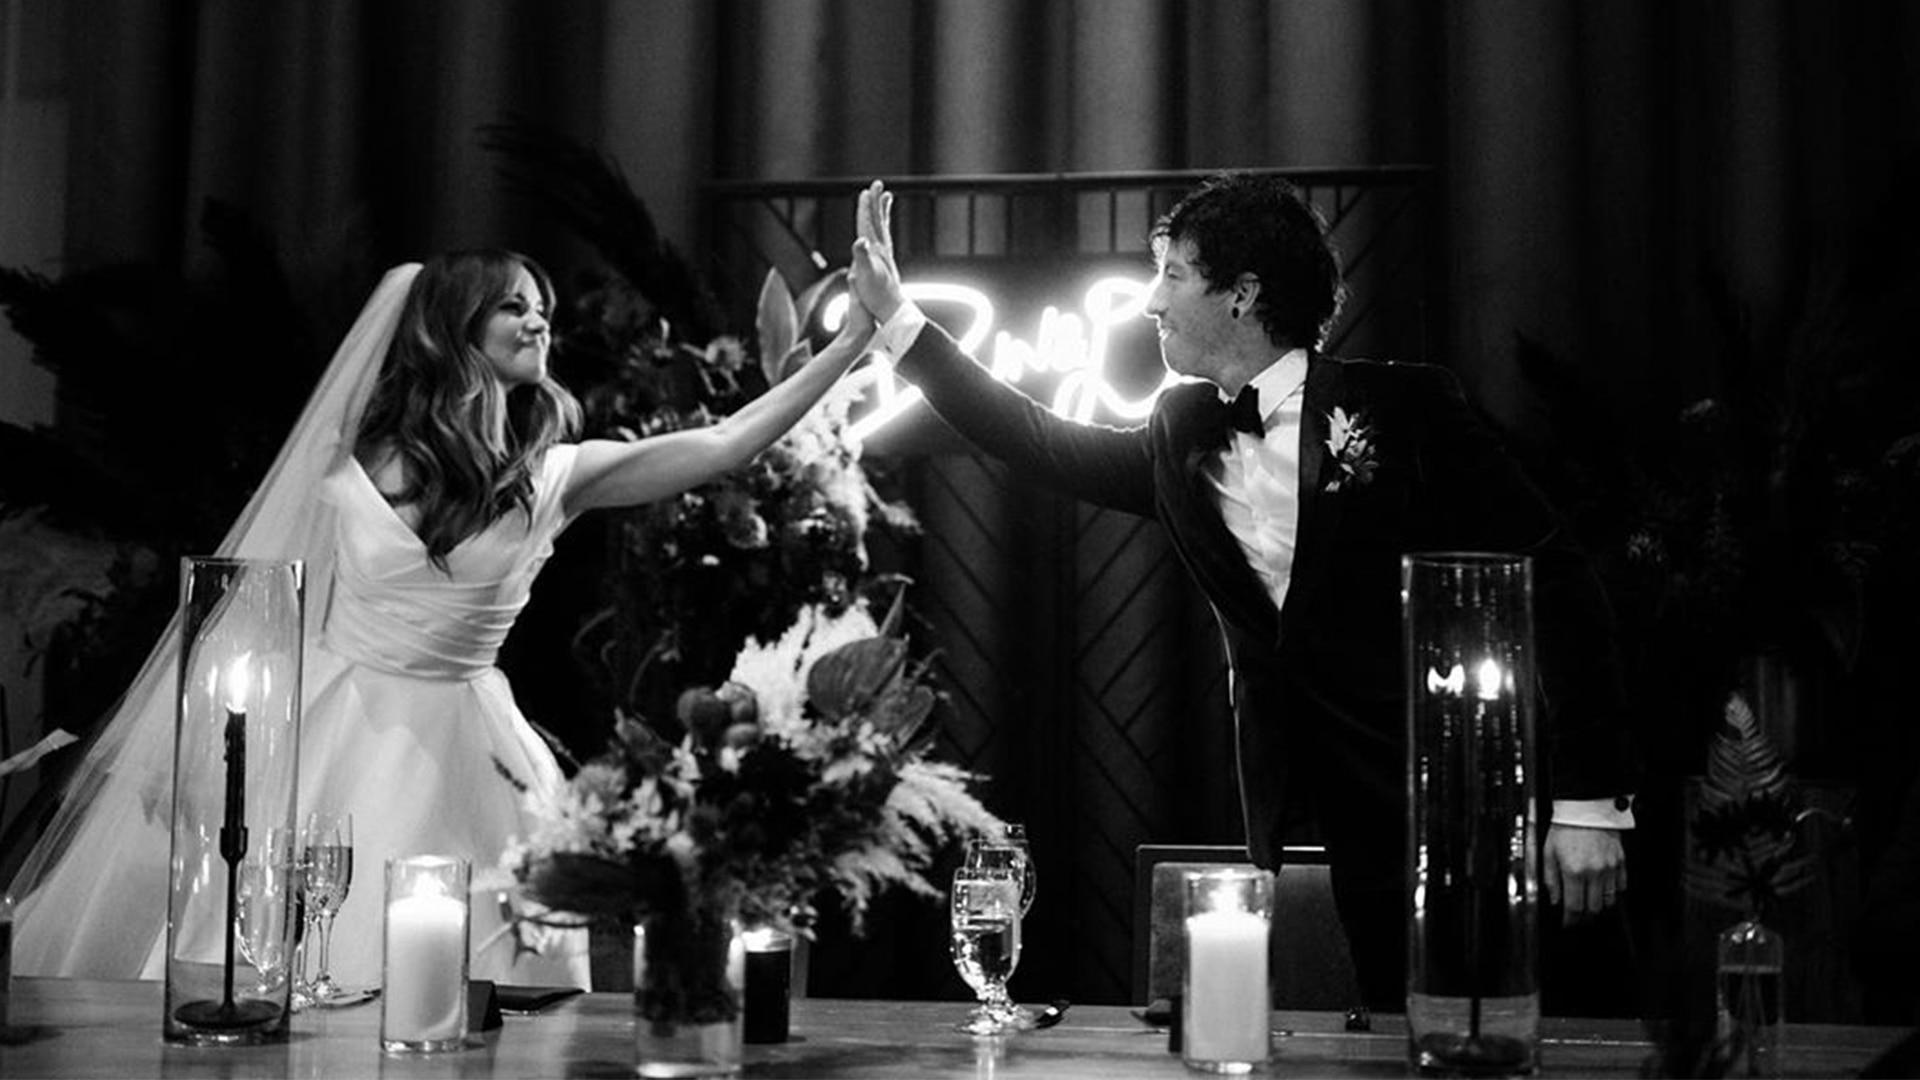 Debby Ryan y Josh Dun revelaron que se casaron en Año Nuevo - Infobae